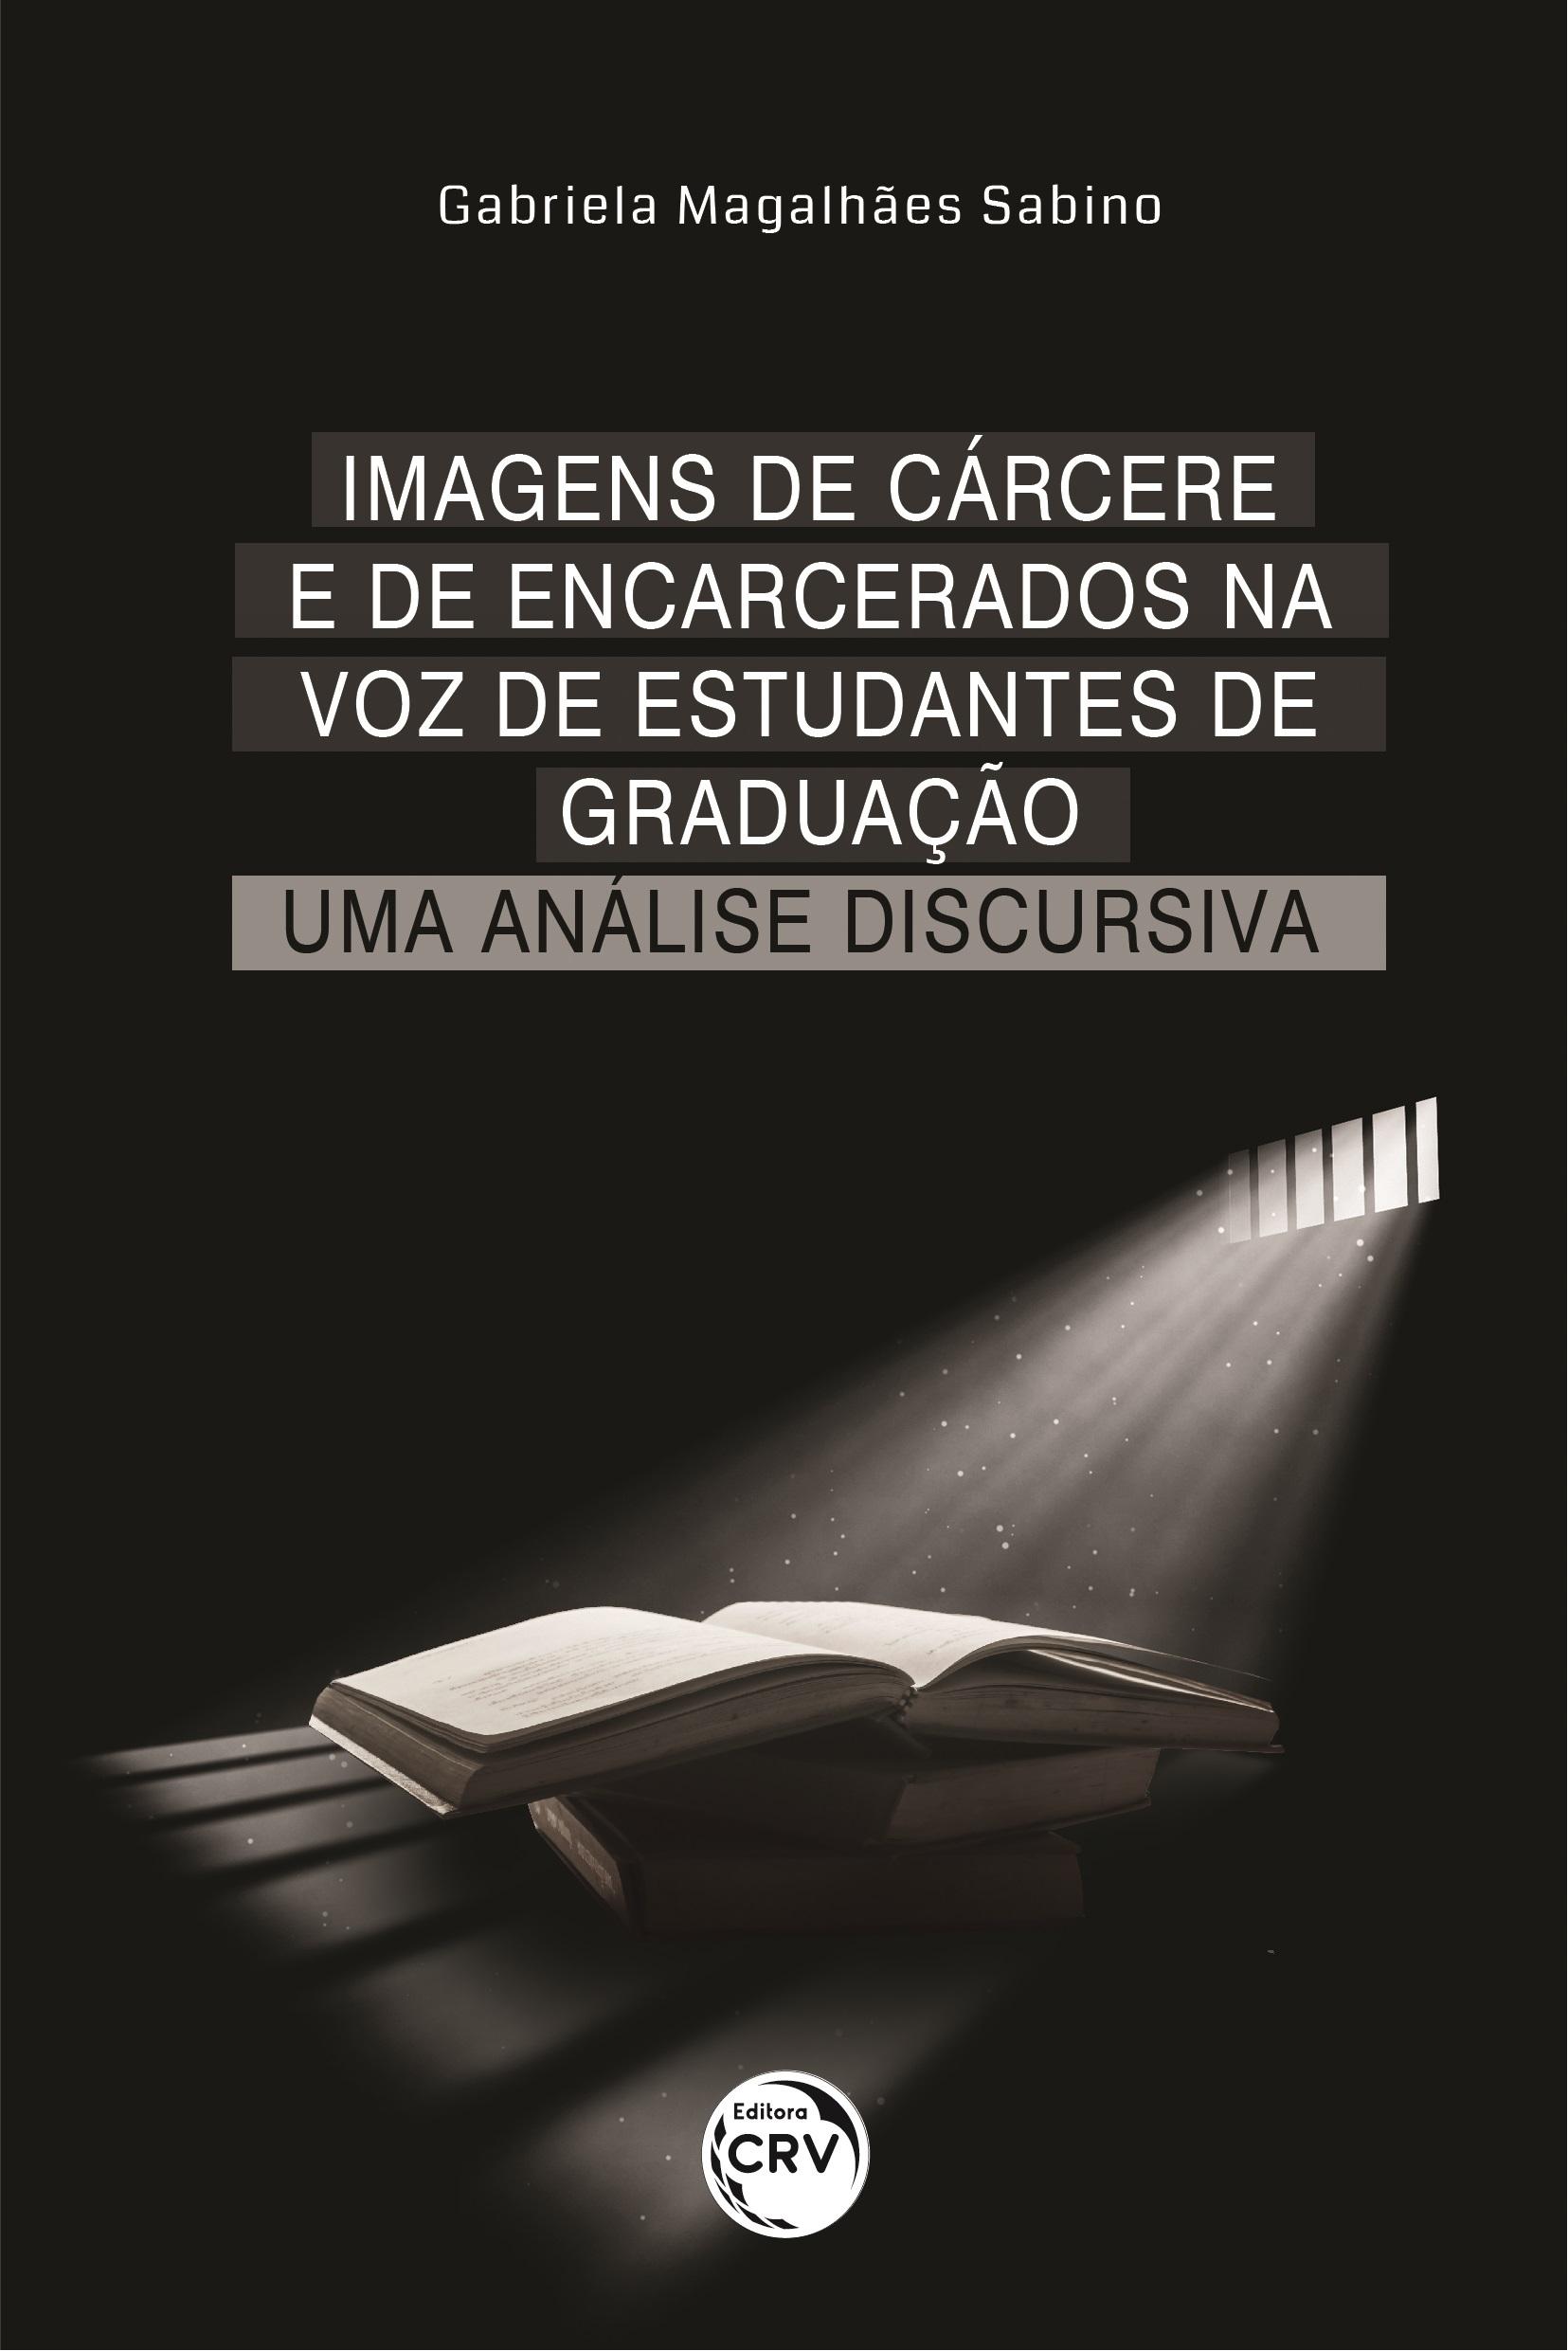 Capa do livro: IMAGENS DE CÁRCERE E DE ENCARCERADOS NA VOZ DE ESTUDANTES DE GRADUAÇÃO: <br>uma análise discursiva